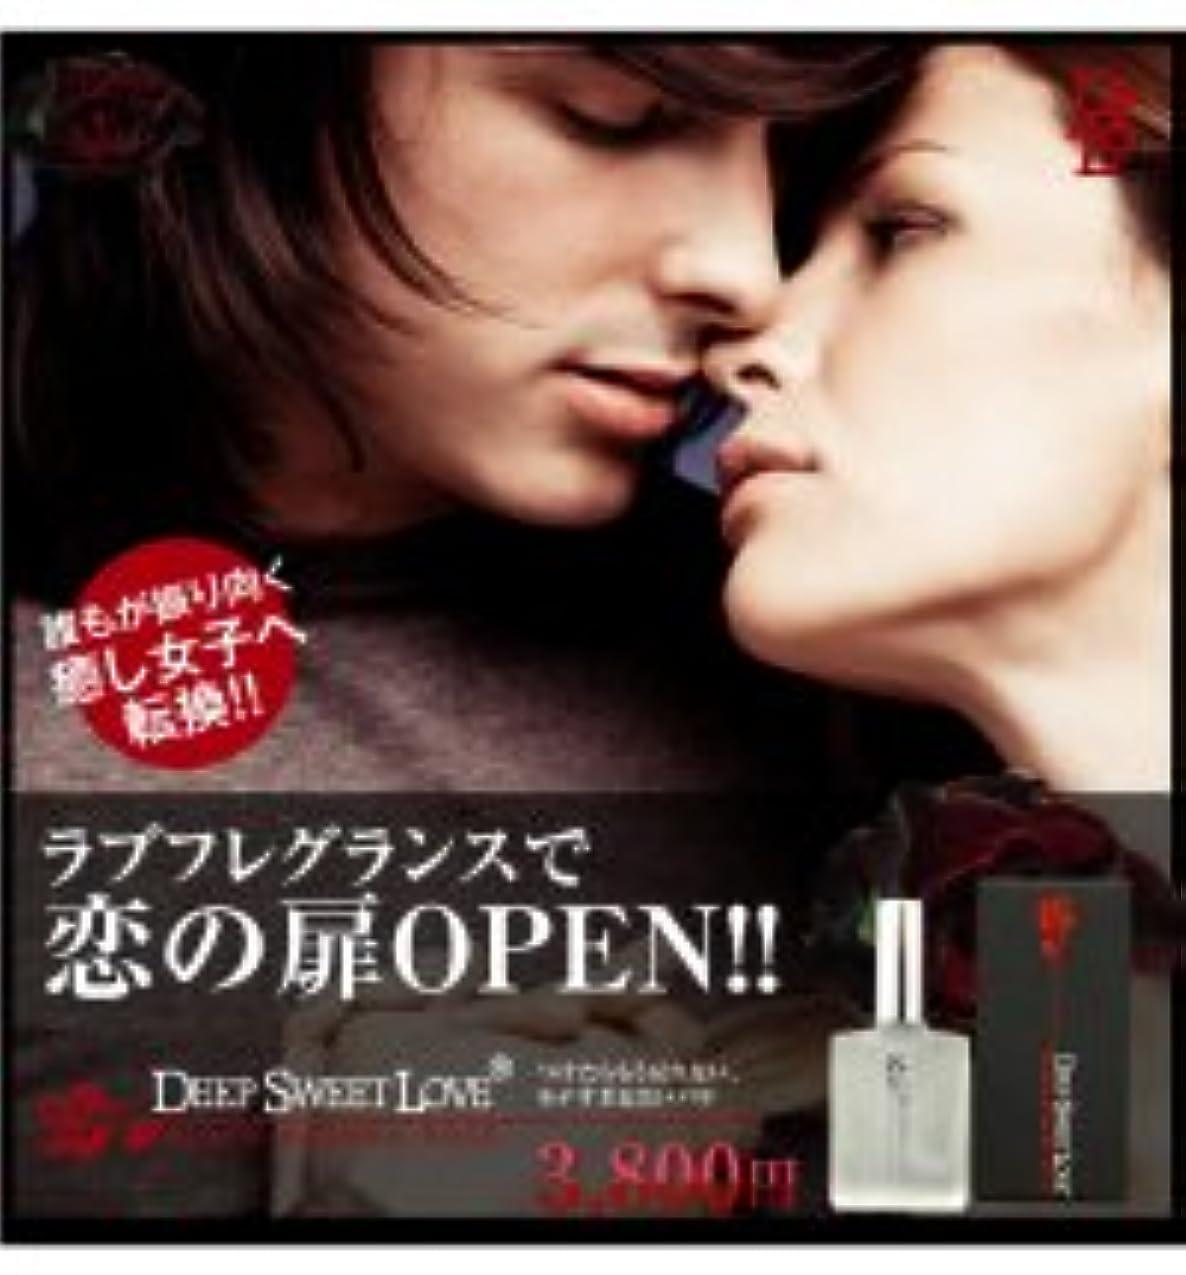 ハウジングフィドル絡まる3個セット ディープスイートラブ (DEEP SWEET LOVE)女性用フェロモン香水